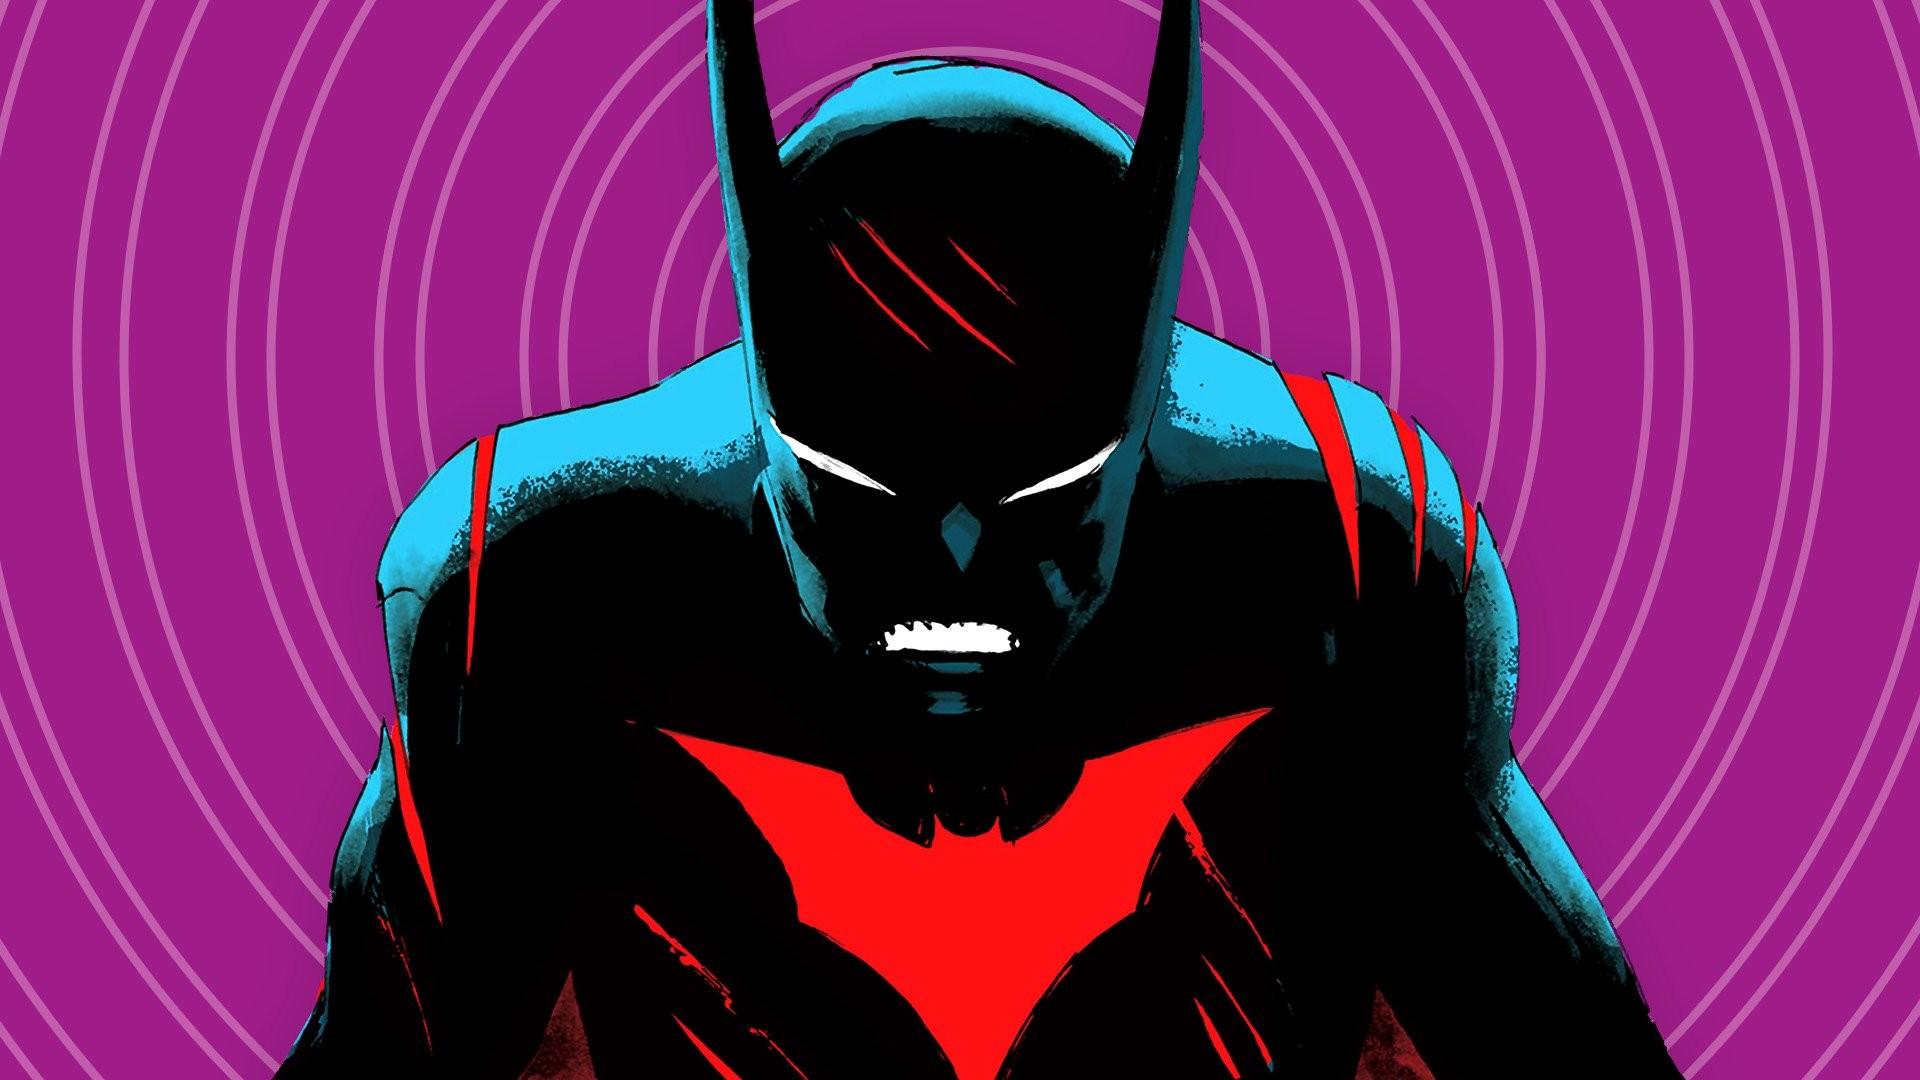 Comics – Batman Beyond Batman Wallpaper